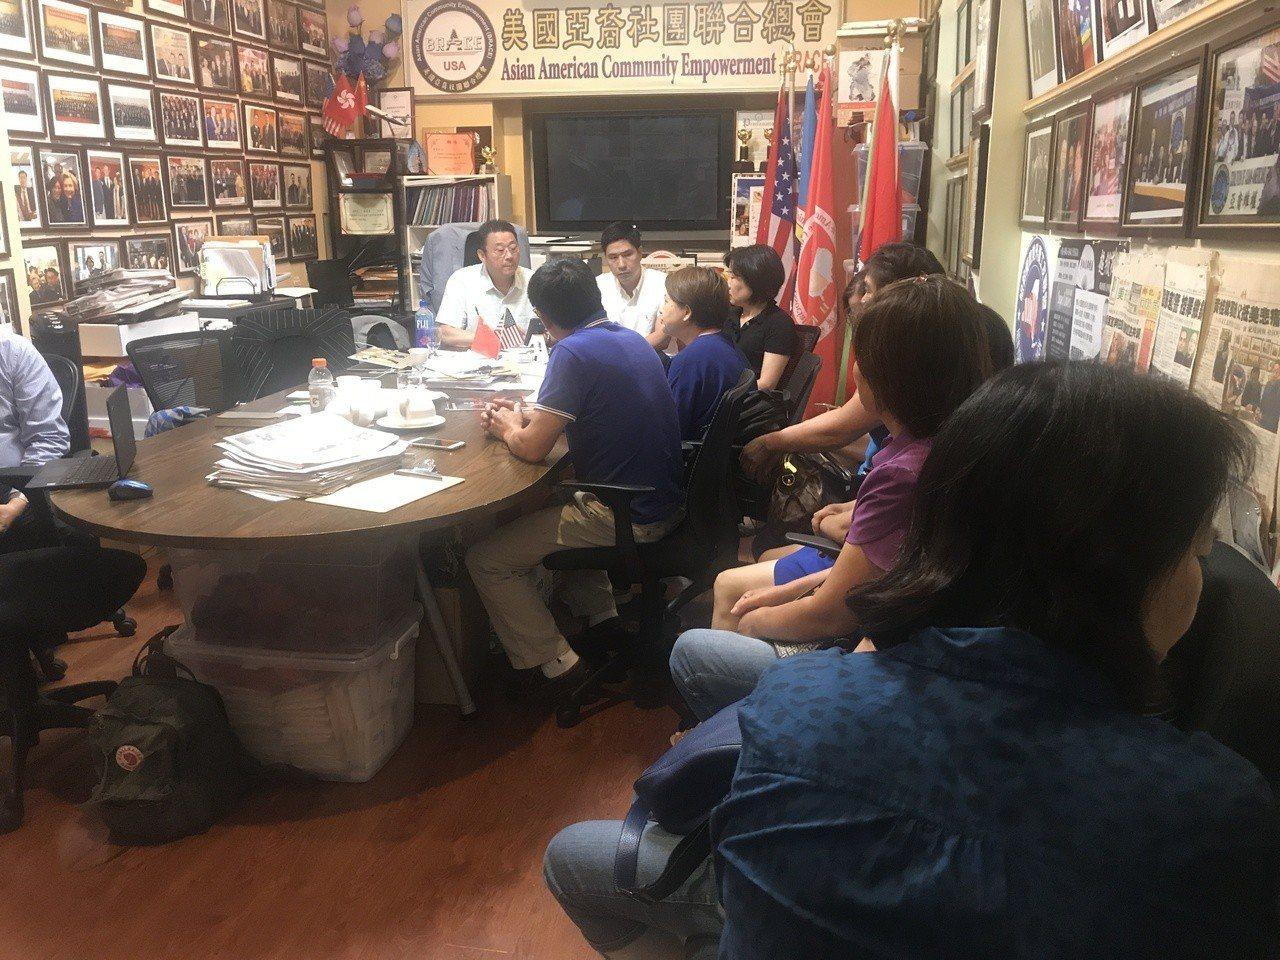 十多位中國溫州籍民眾21日前往美國亞裔社團聯合總會求助,表示日前參與一名中國溫州...